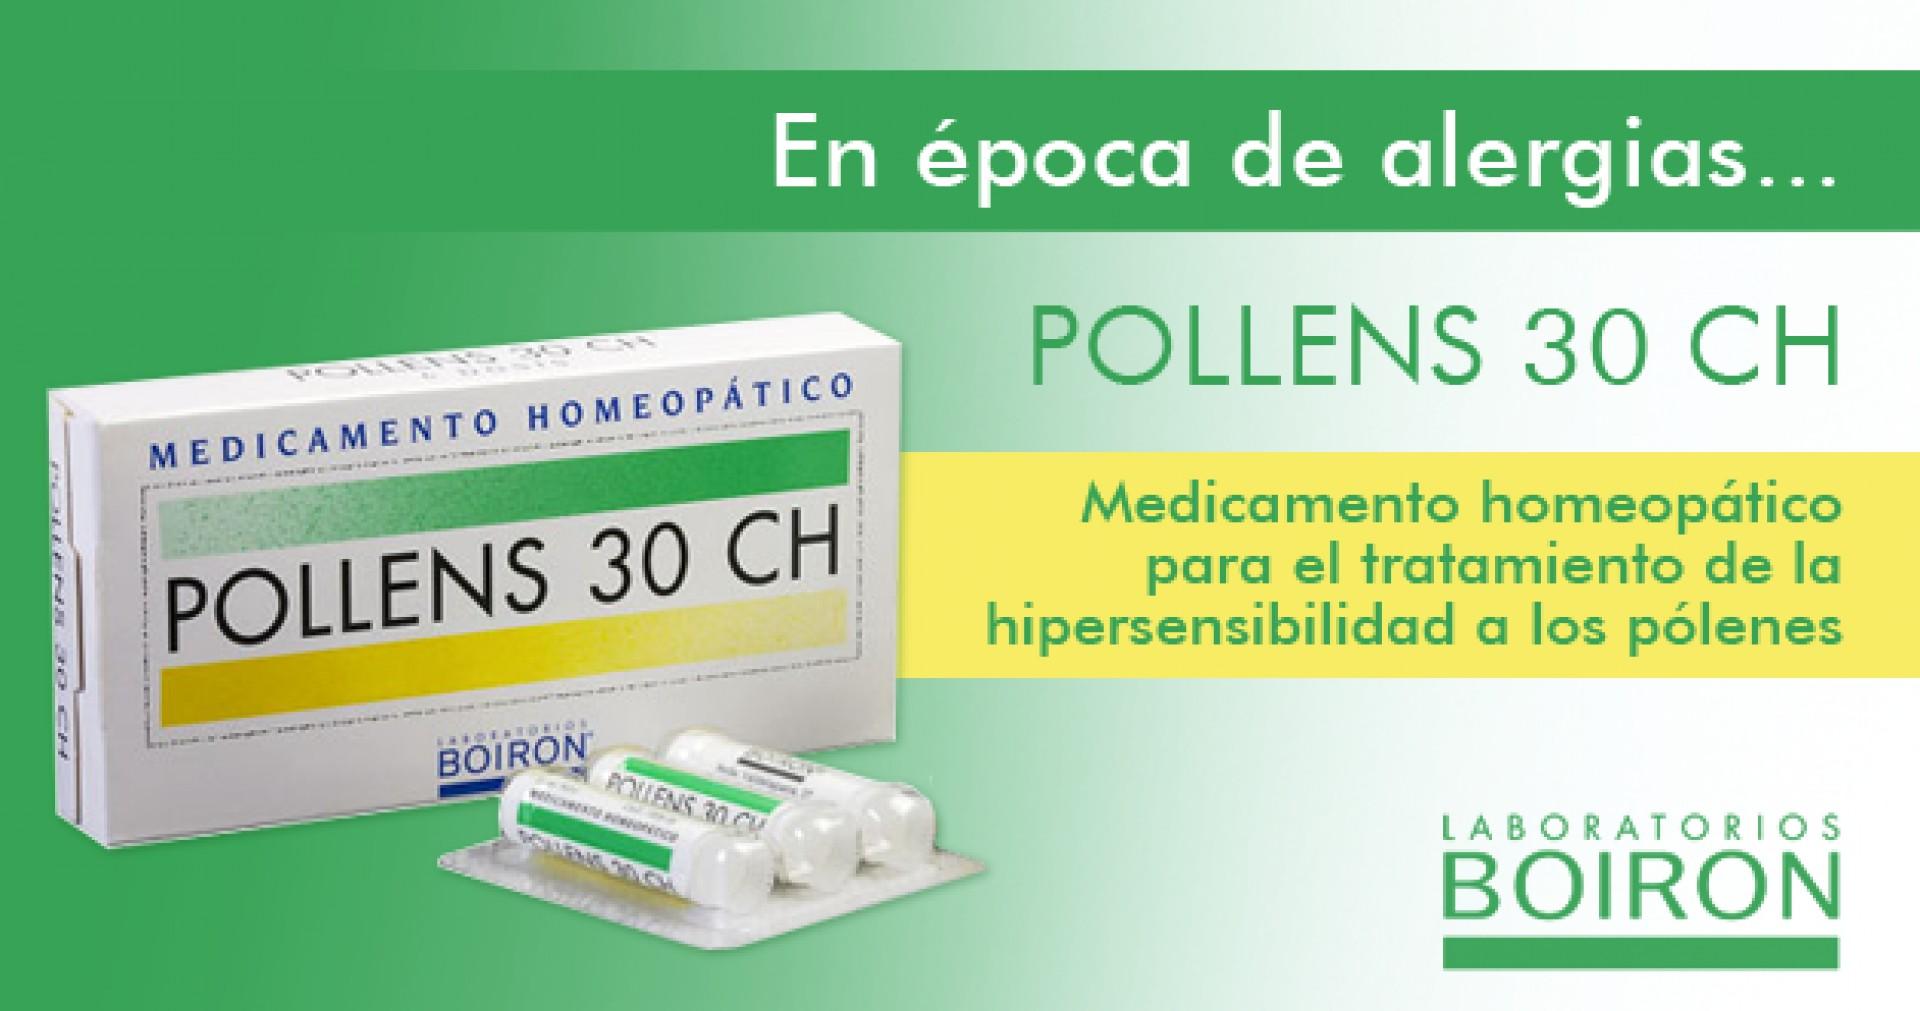 Pollens 30 CH